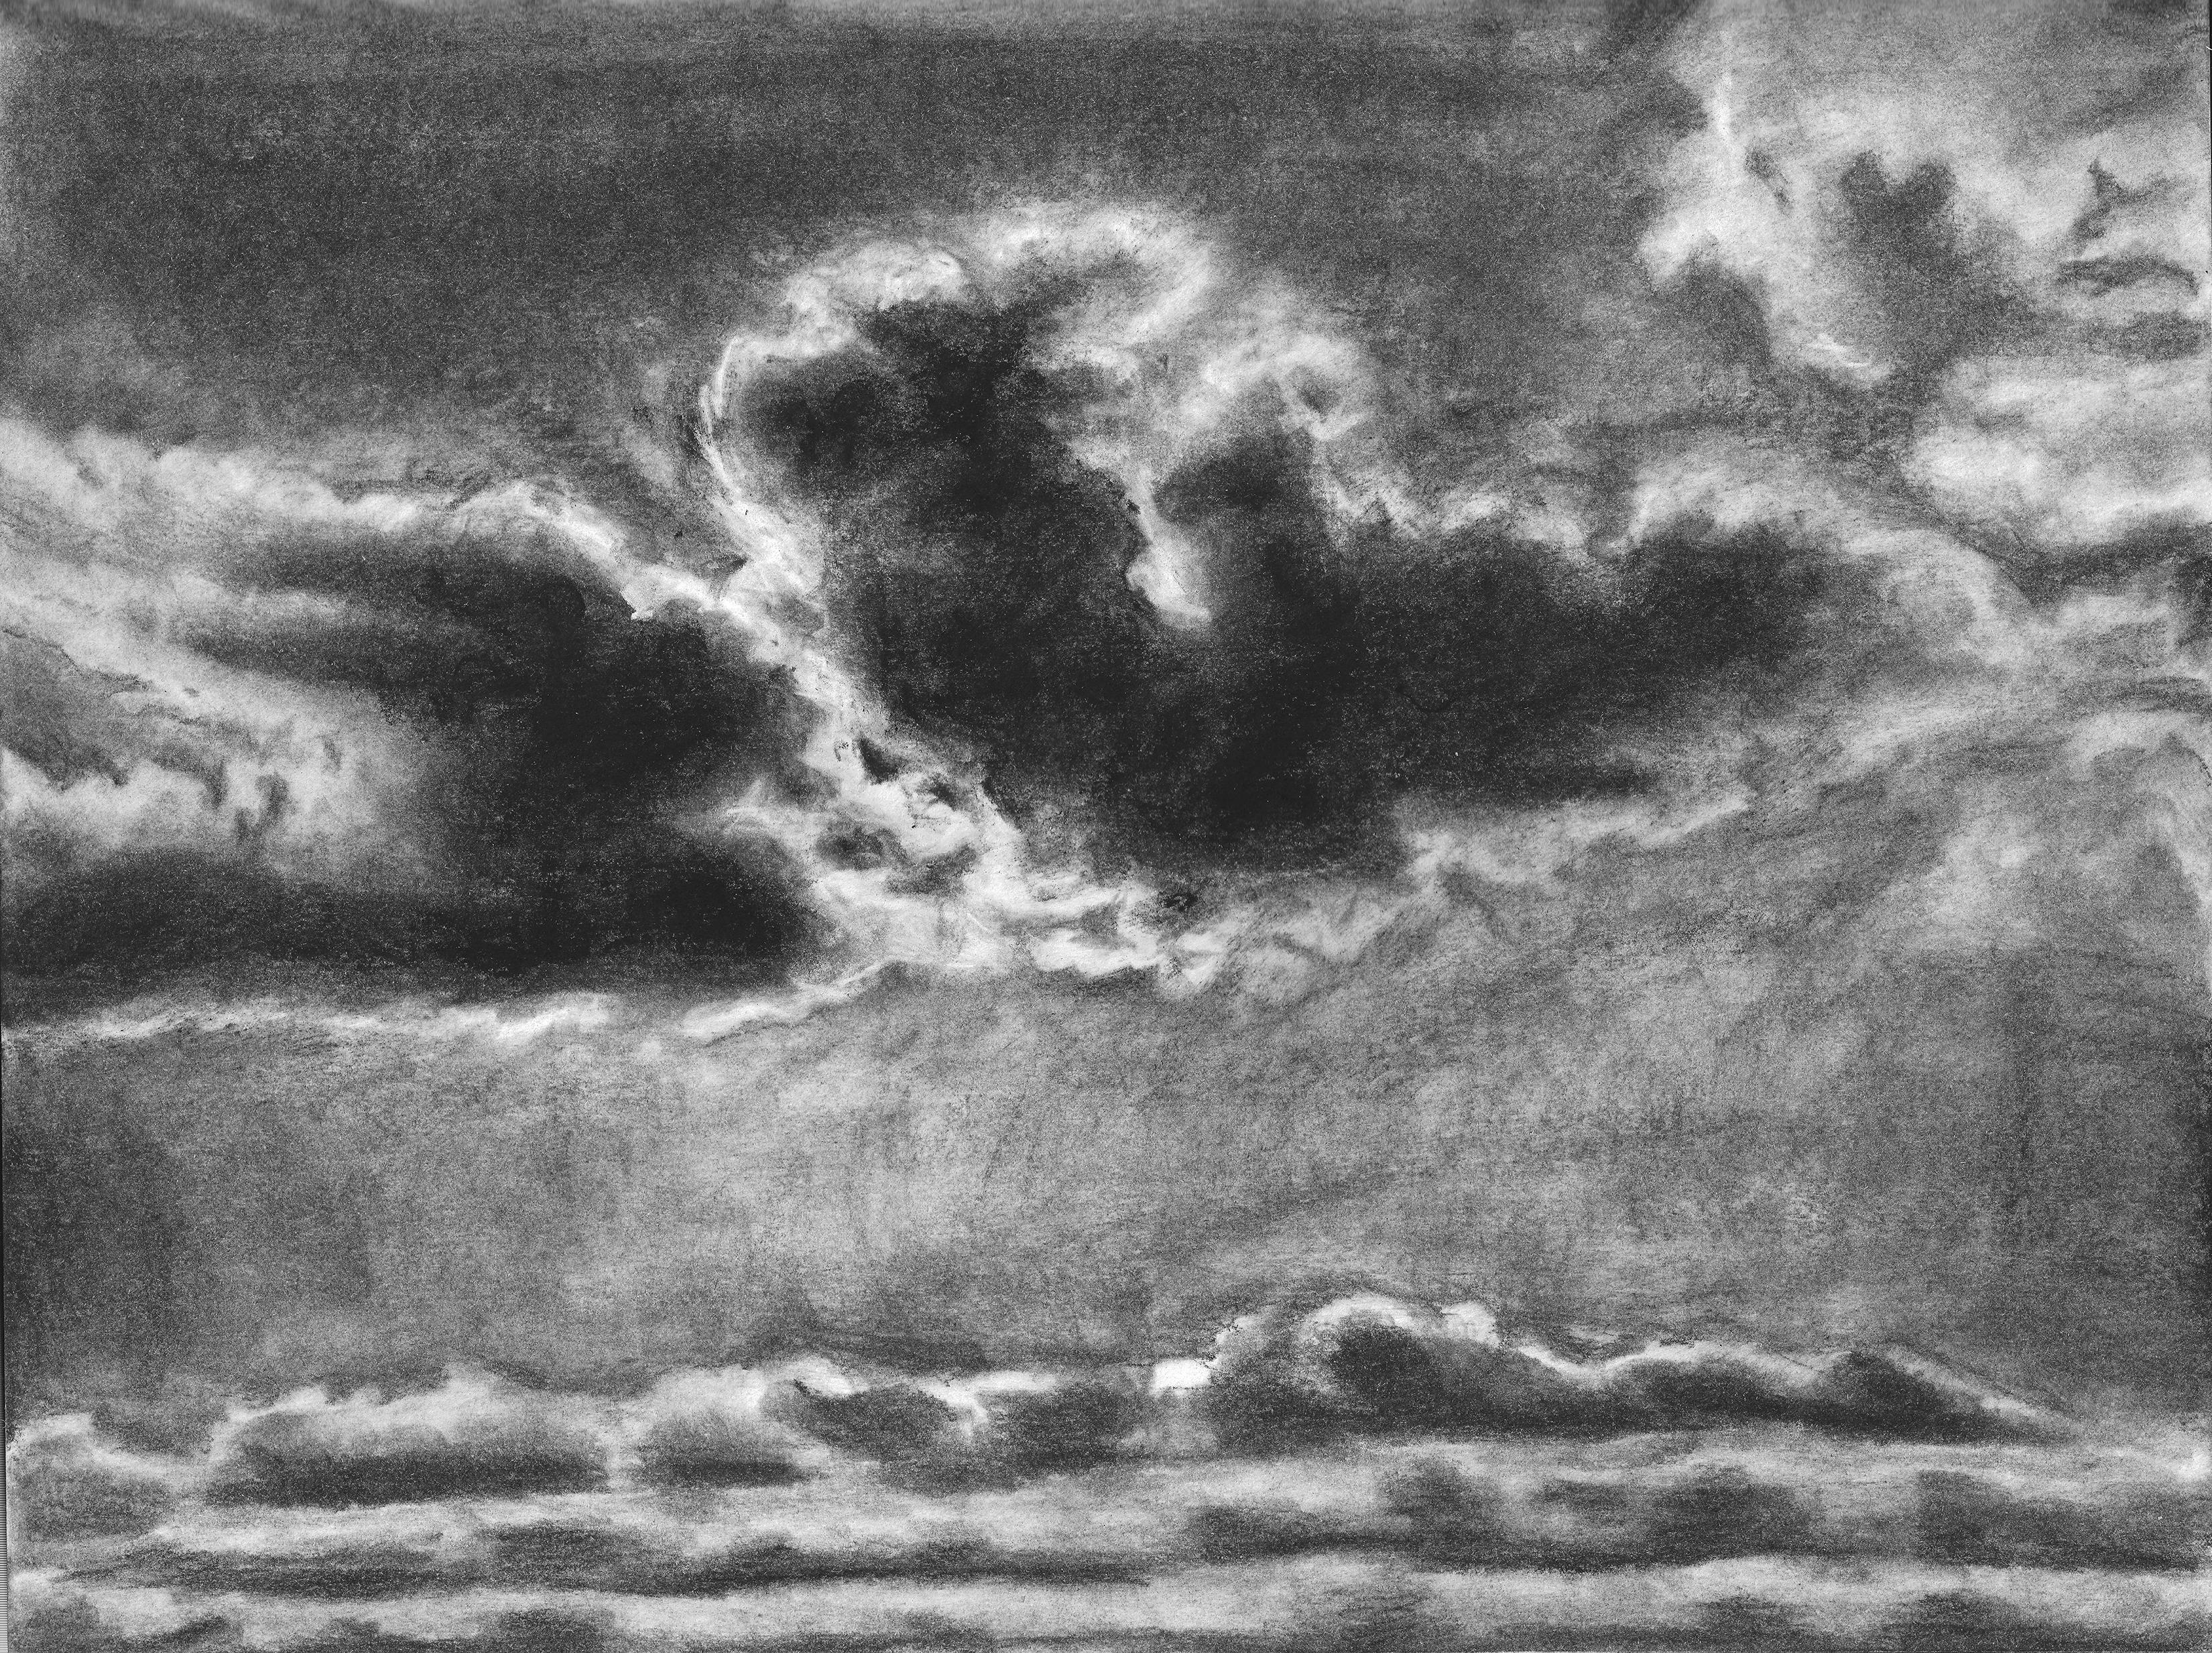 Cloud Book #2